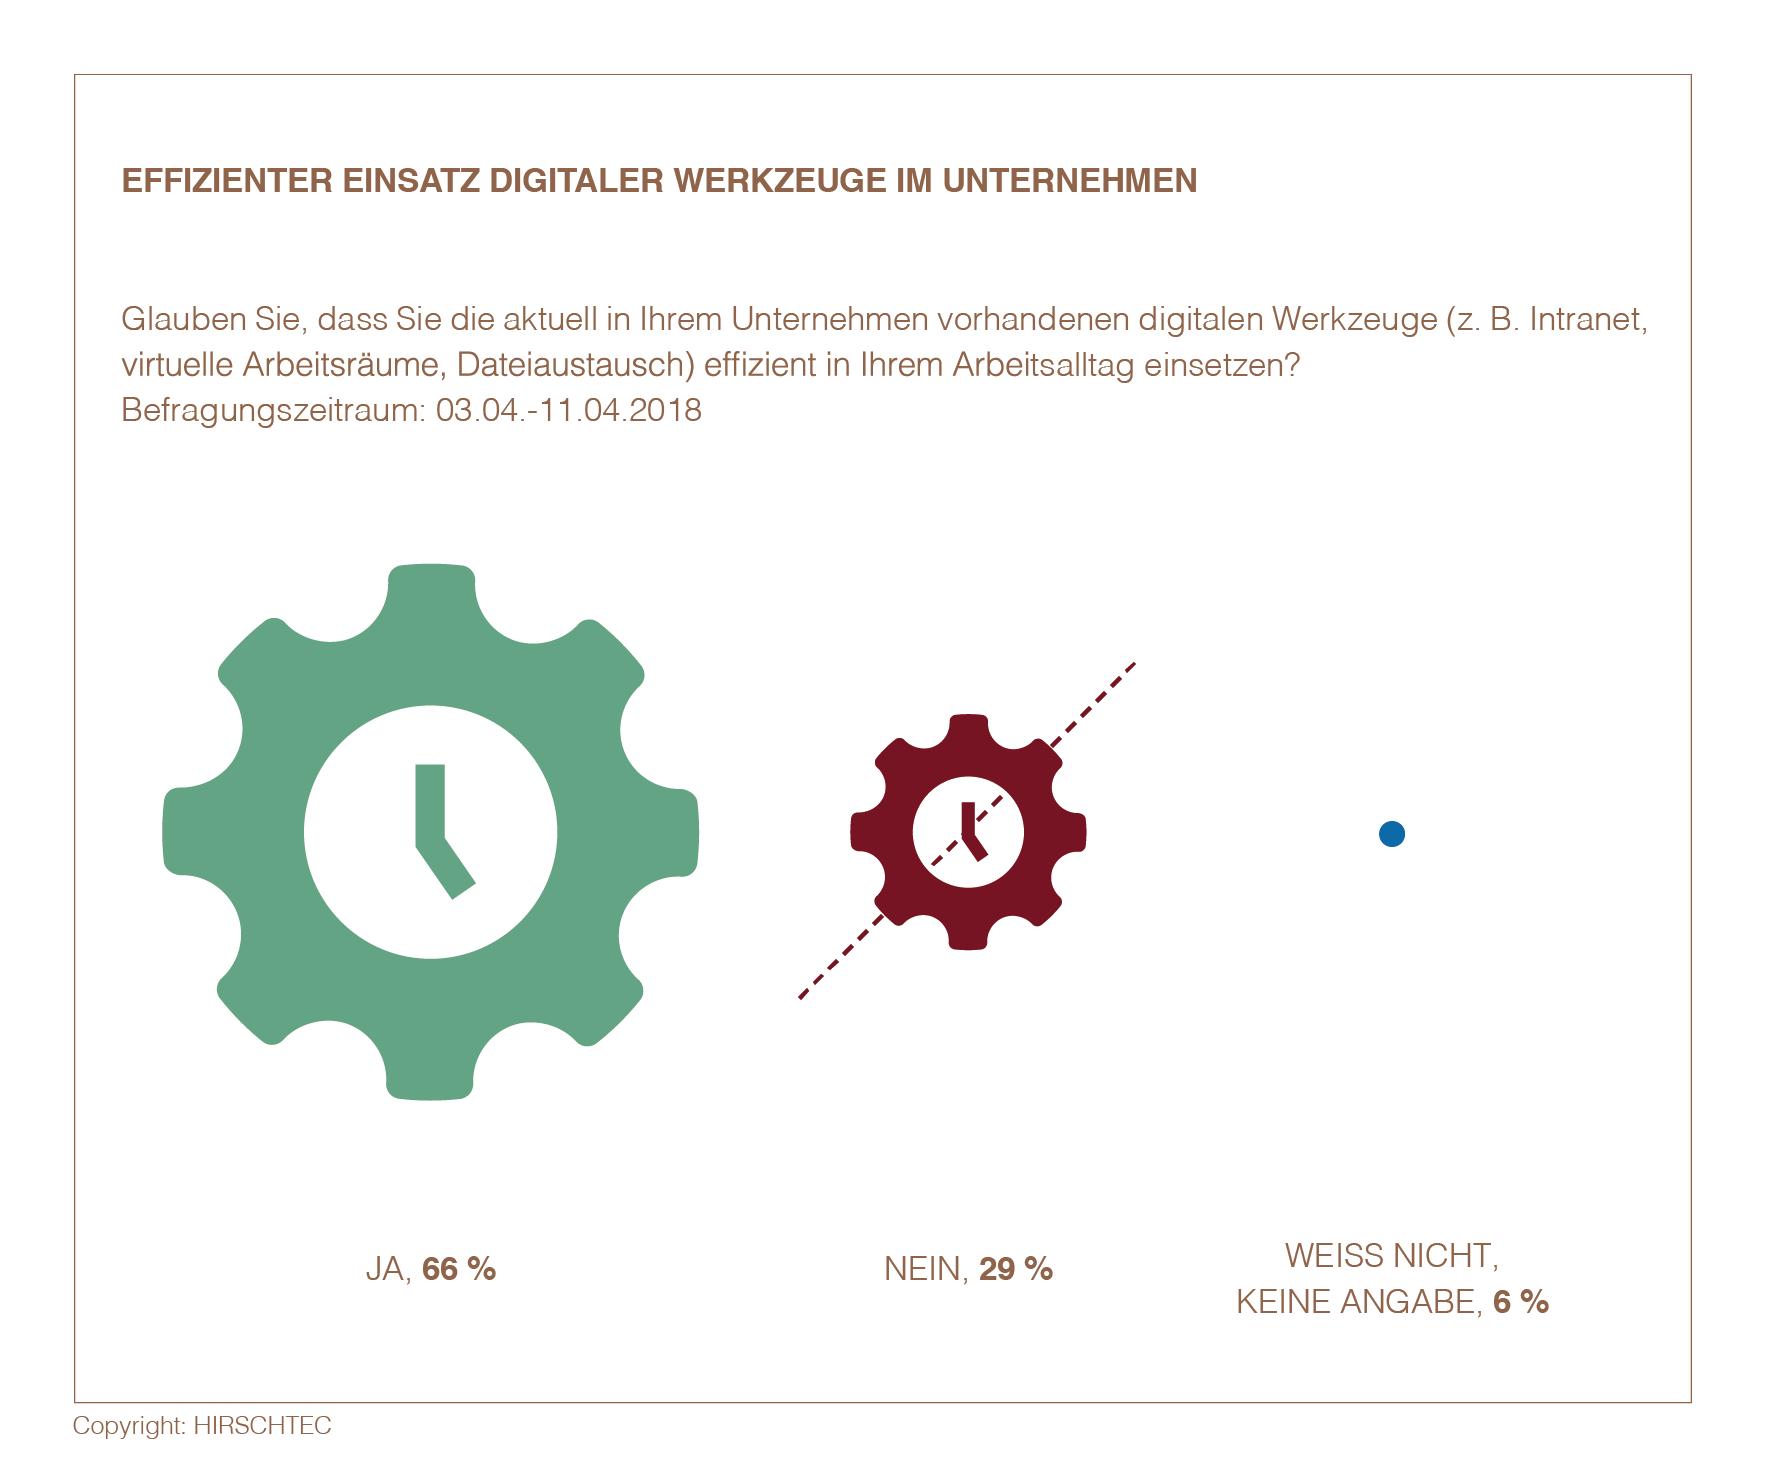 HIRSCHTEC_Studie_Abbildung 1